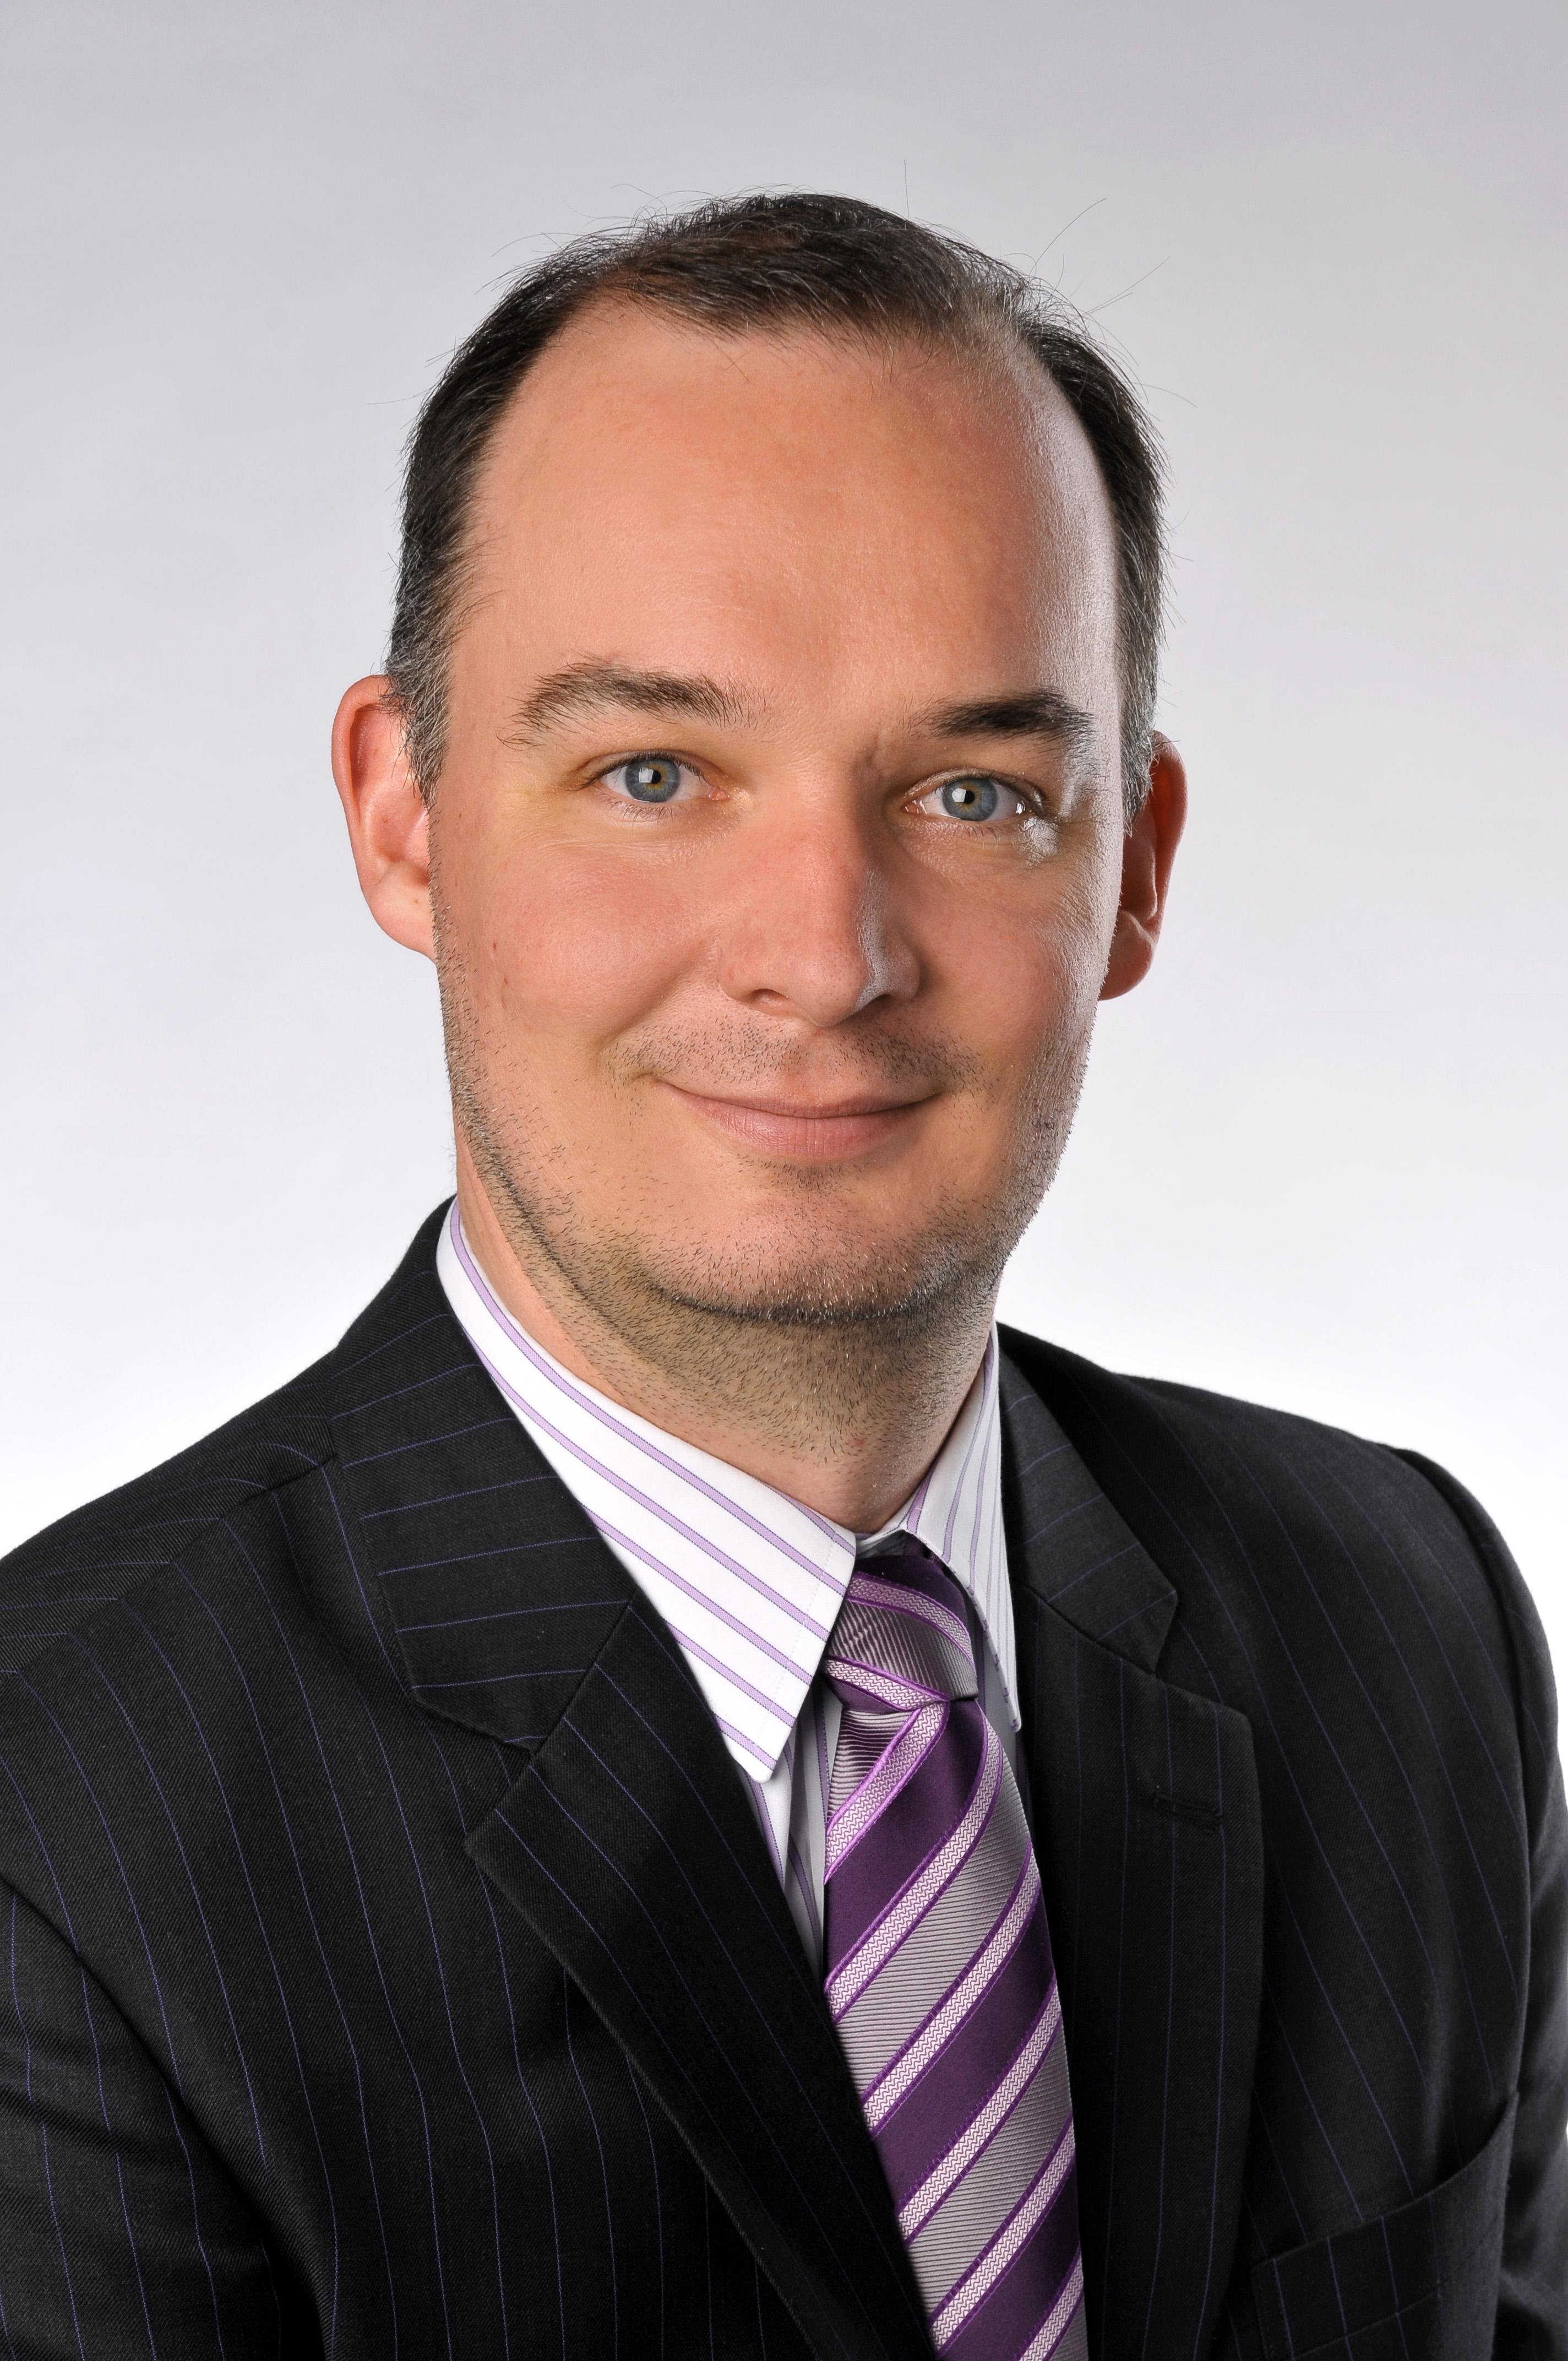 Sebastian Kolberg, Bayer AG